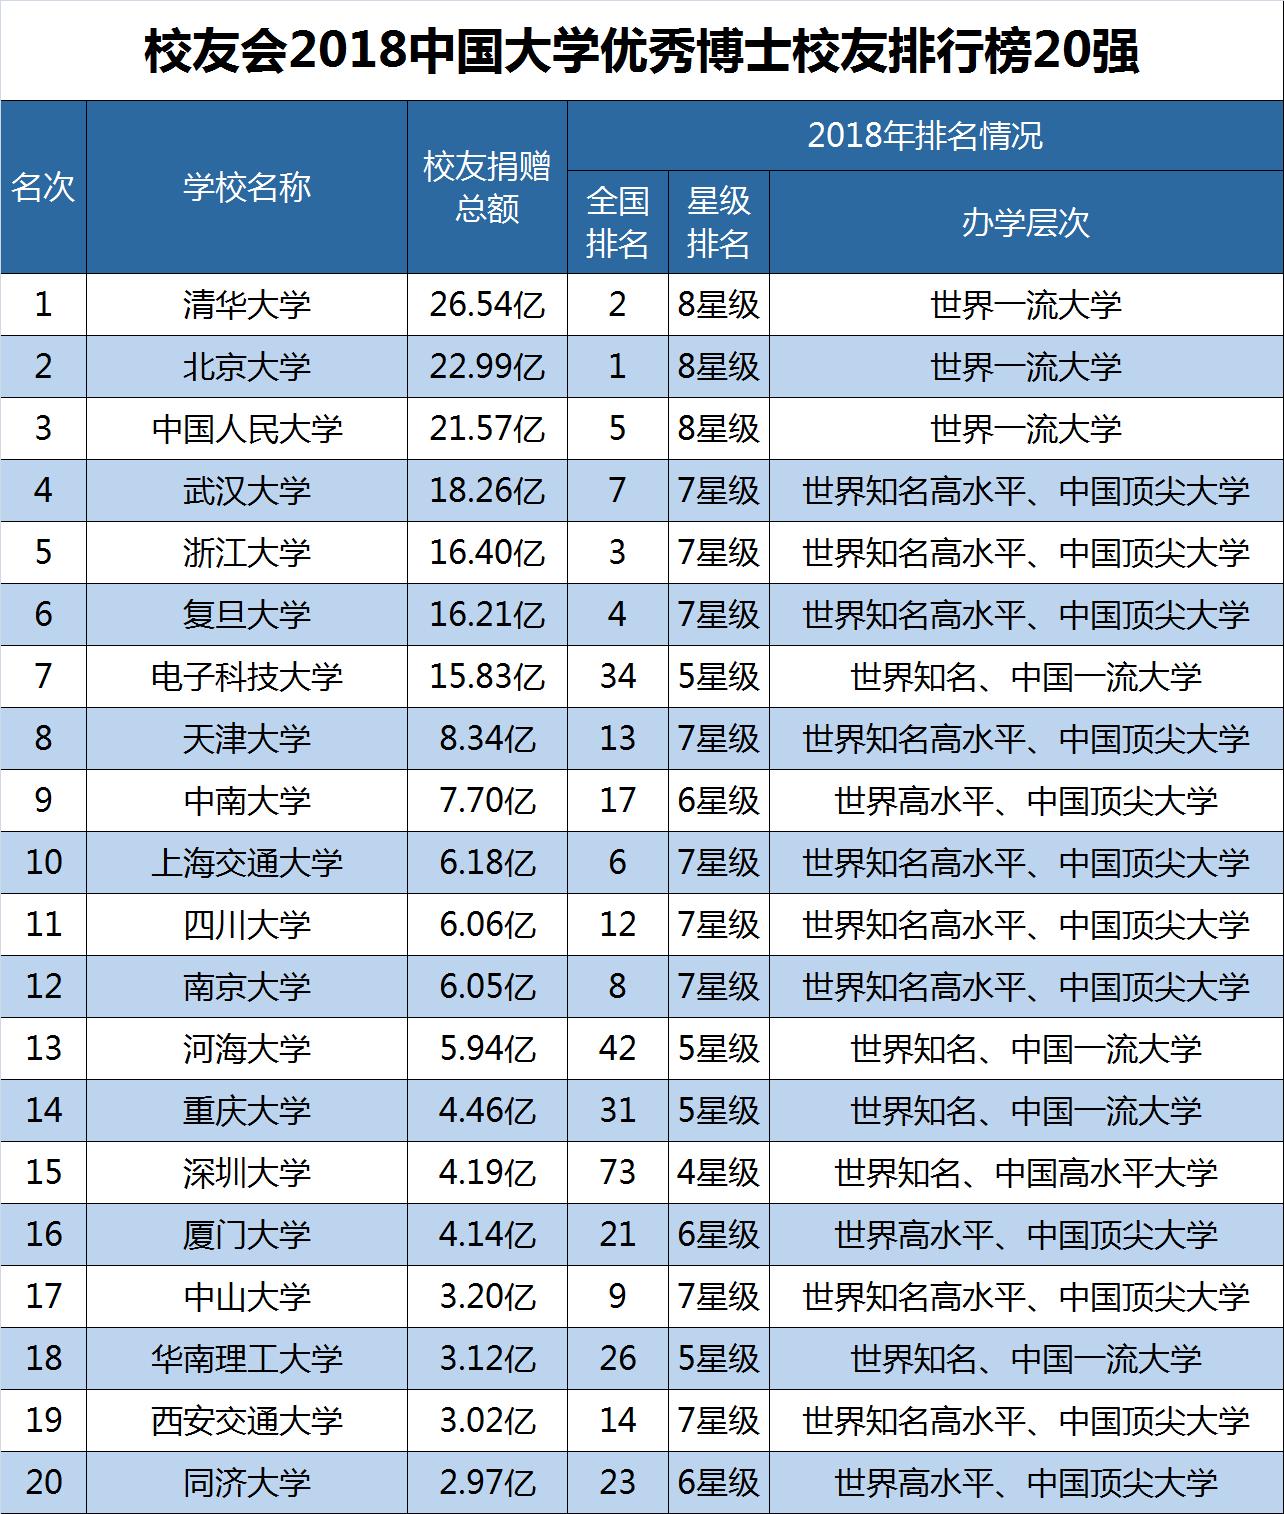 2018中国大学排行榜_2018世界一流大学排行榜出炉,清北人跻身前三甲